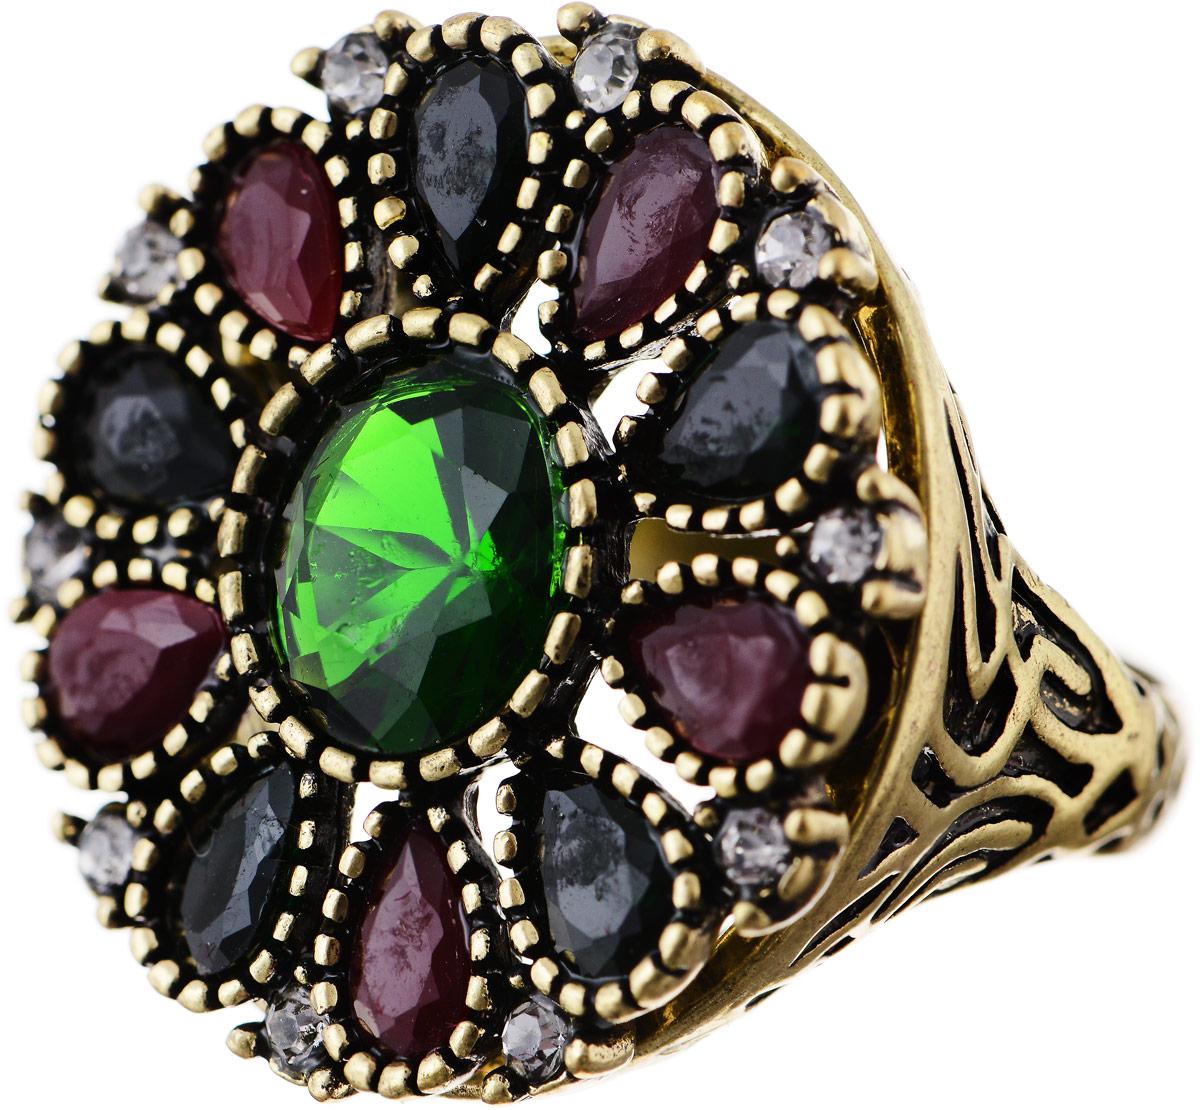 Кольцо Bradex Аннабель, цвет: золотой, зеленый, бордовый. AS 0017. Размер 19AS 0018Кольцо Bradex Аннабель выполнено из металлического сплава. Декоративный элемент выполнен в круглой форме и украшен вставками из искусственных камней и страз.